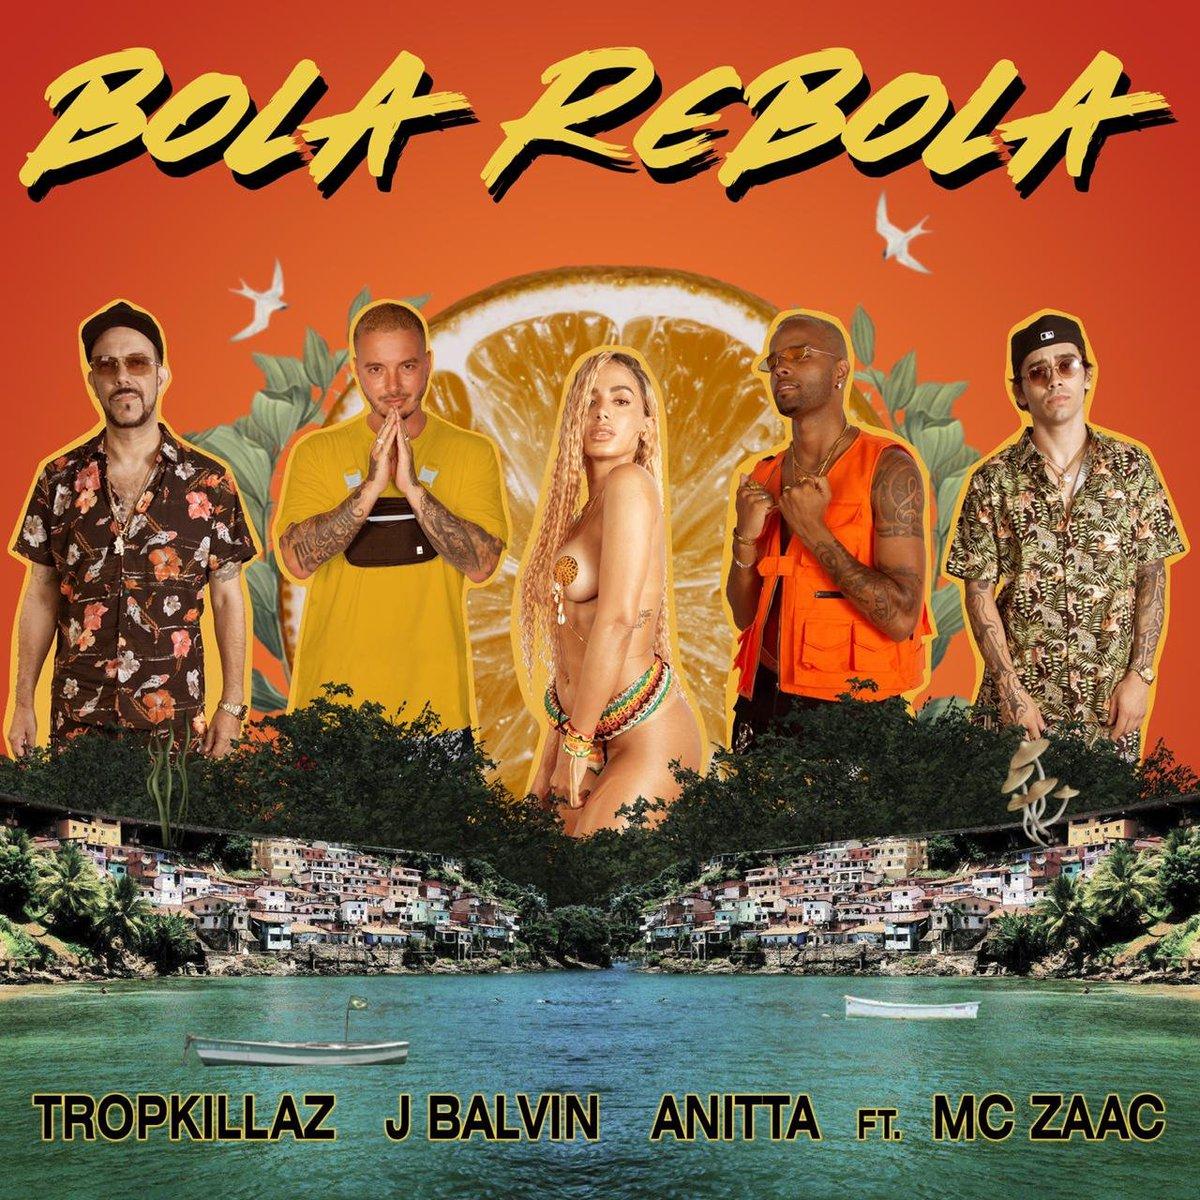 """São reveladas capas de """"Bola Rebola"""", single do Tropkillaz com Anitta, J Balvin e MC Zaac"""